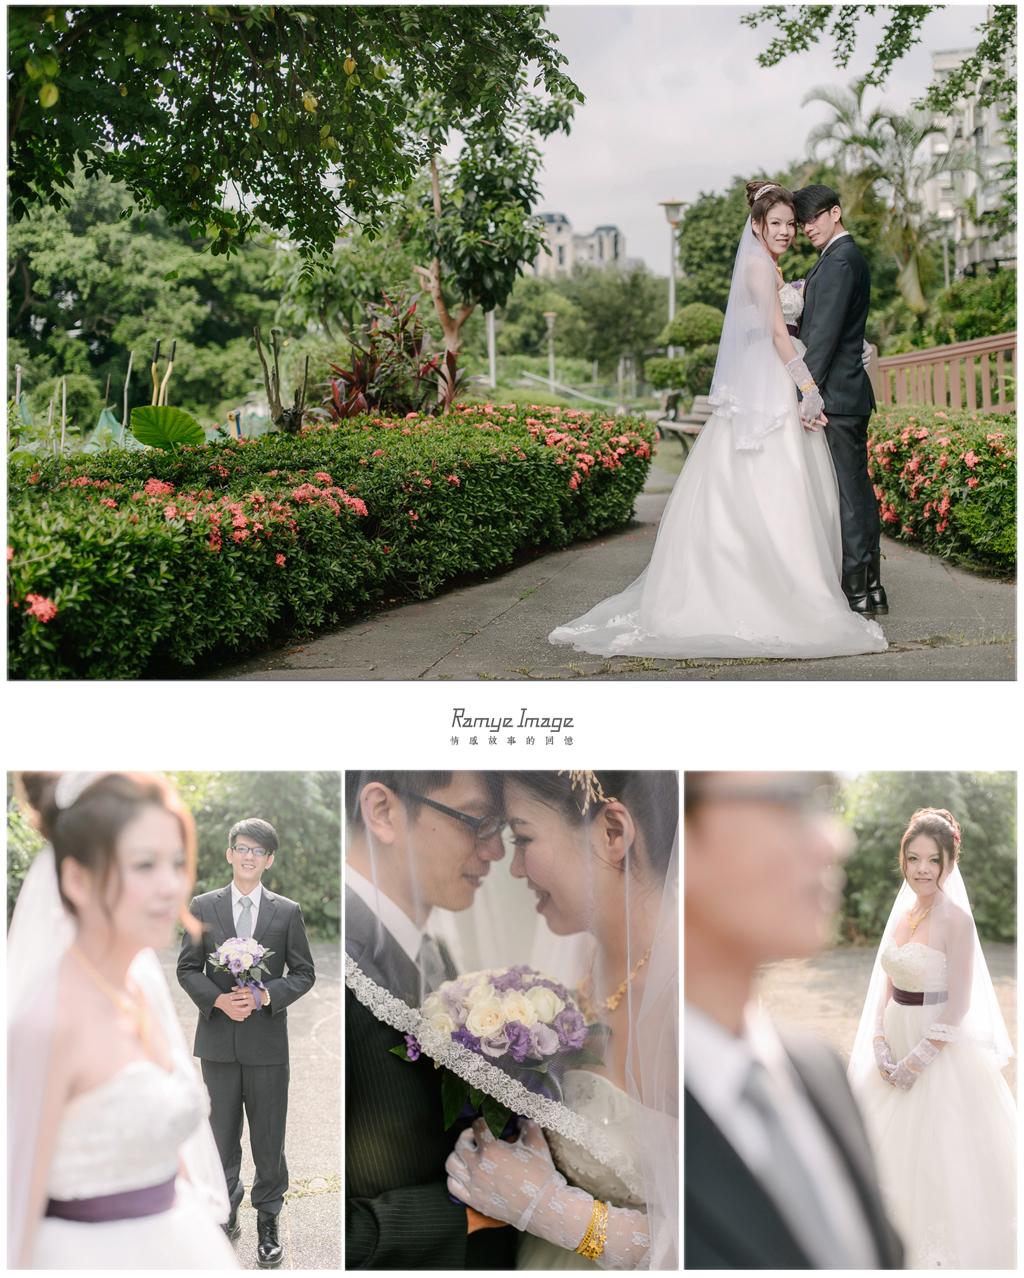 婚禮攝影,婚禮紀錄,迎娶儀式,婚攝小葉,